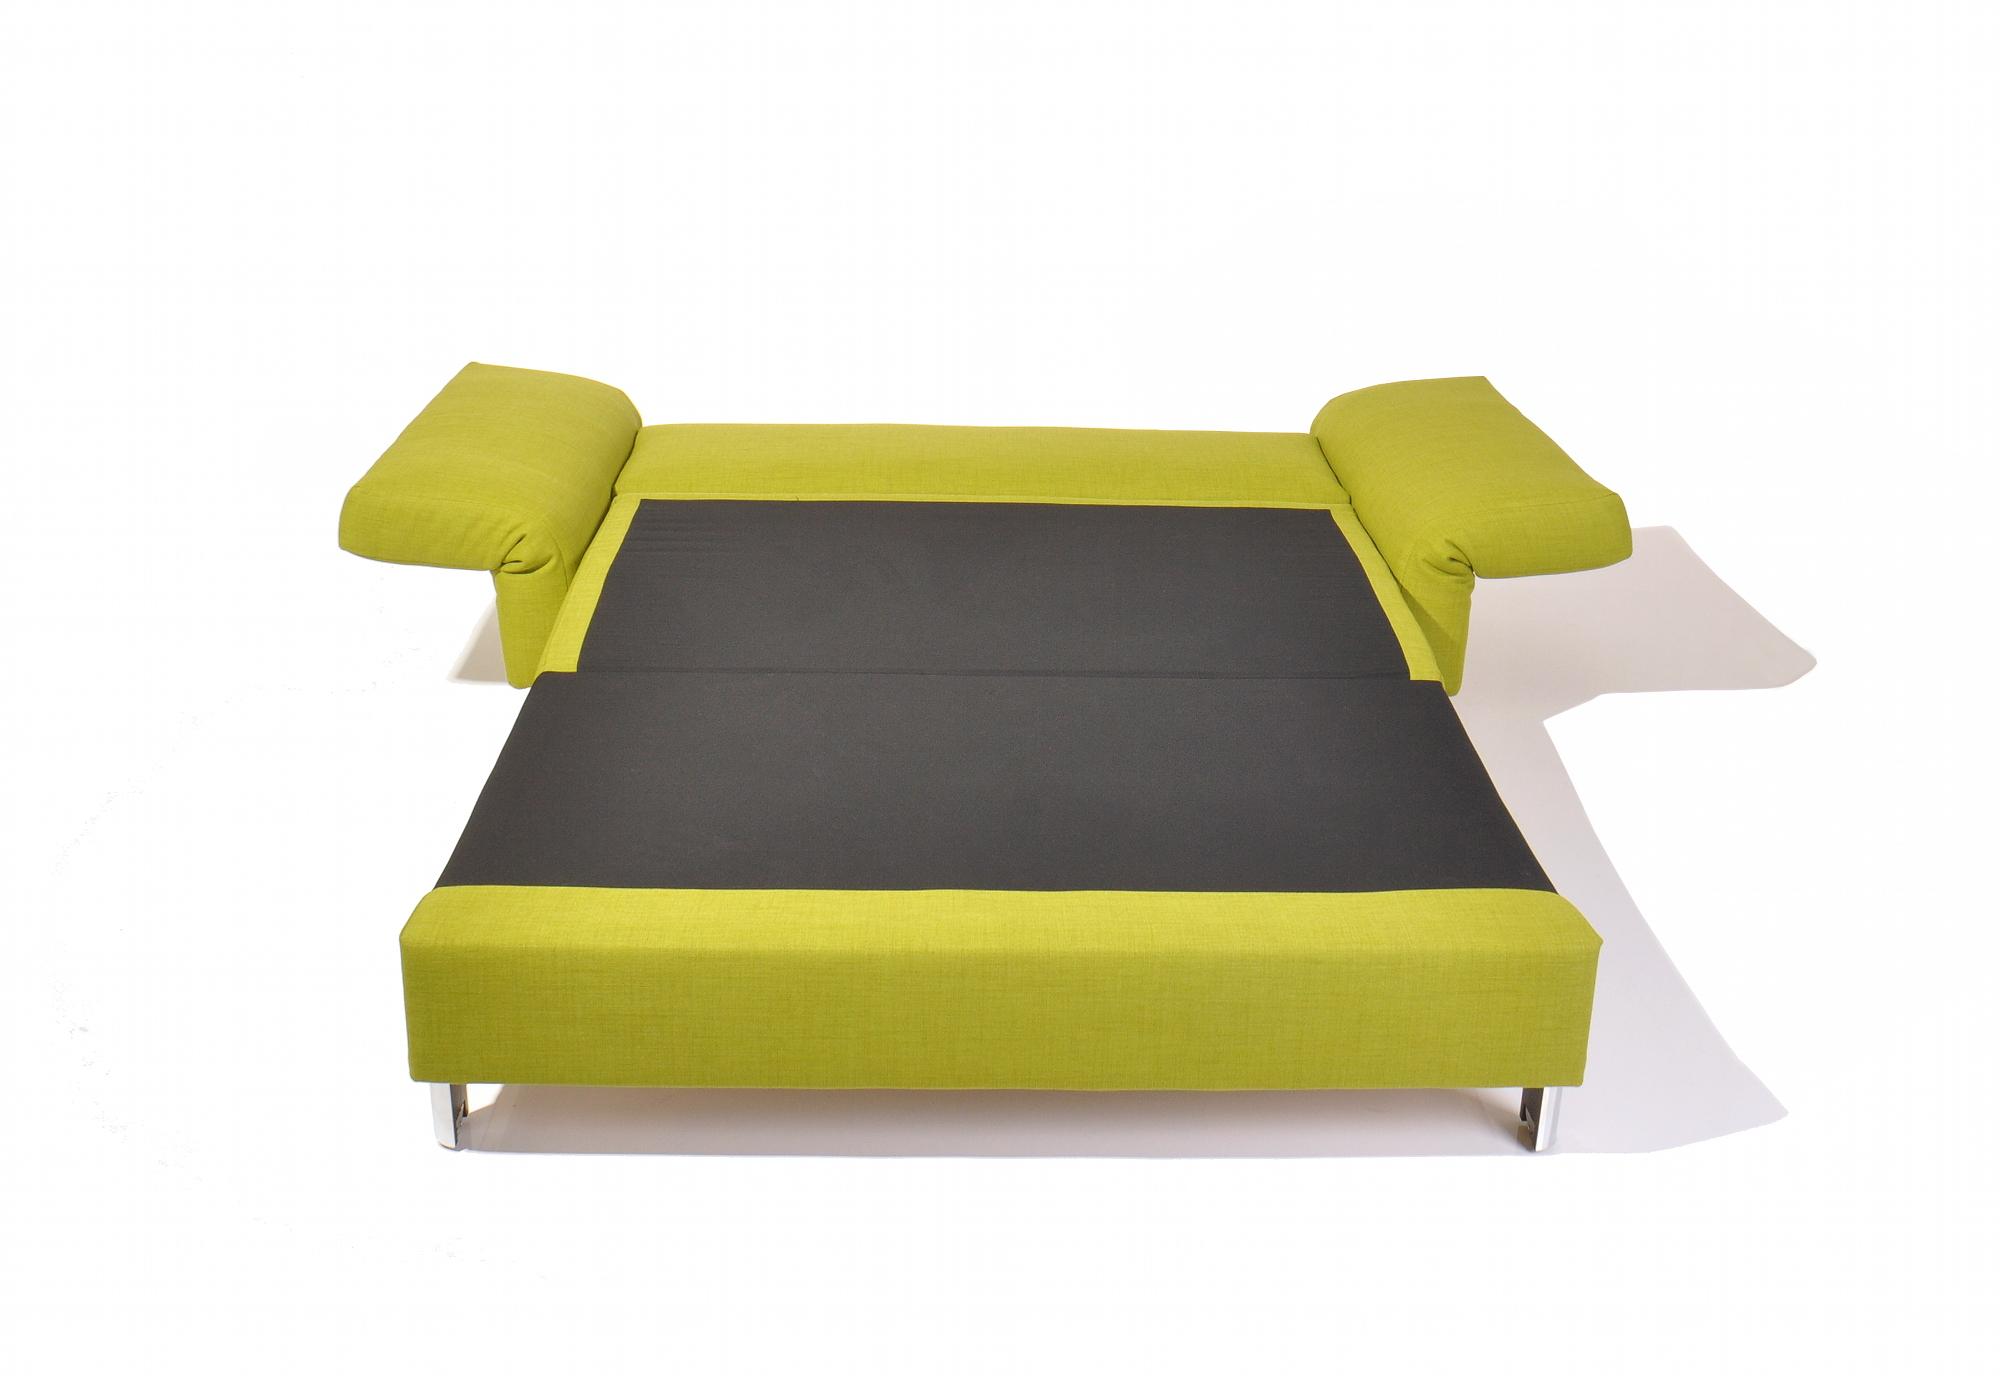 schlafsofa malou franz fertig neu mit rechnung vom autorisierten fachh ndler ebay. Black Bedroom Furniture Sets. Home Design Ideas